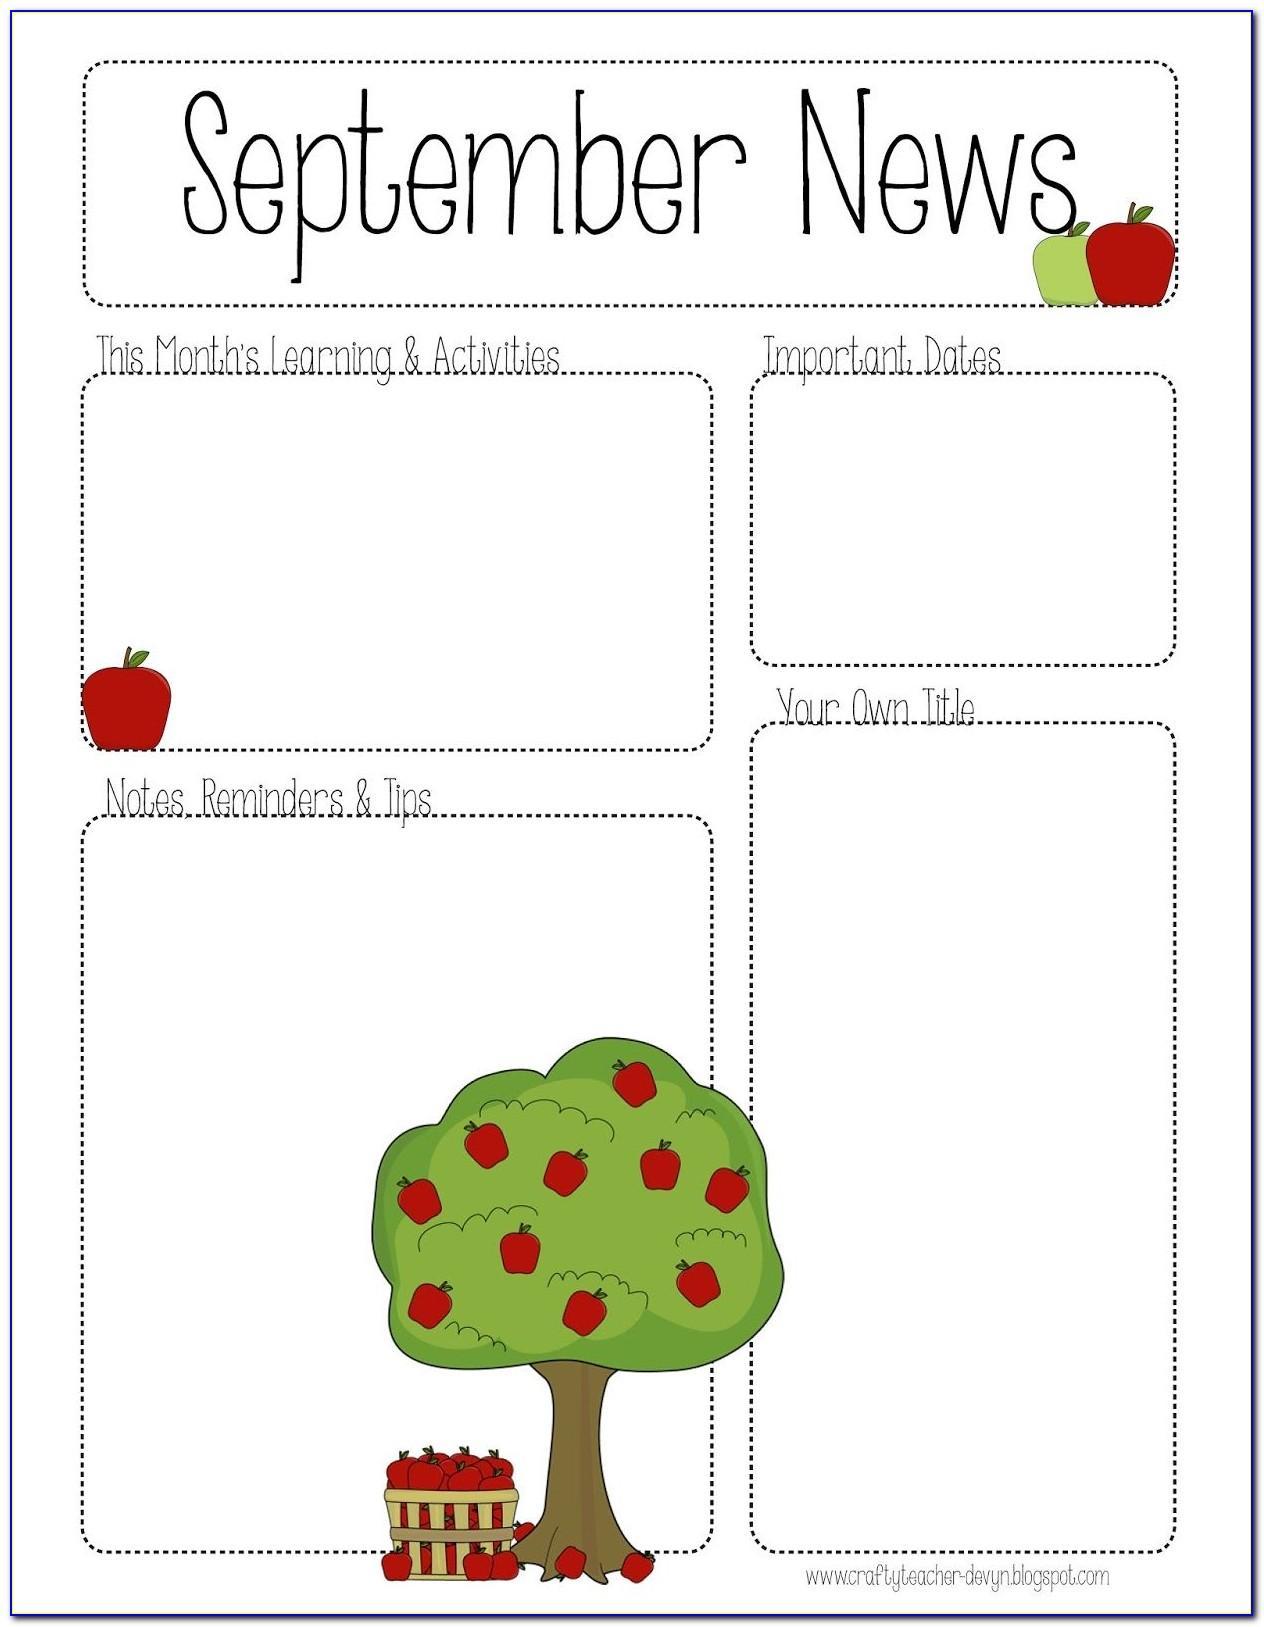 Editable Newsletter Template Elementary